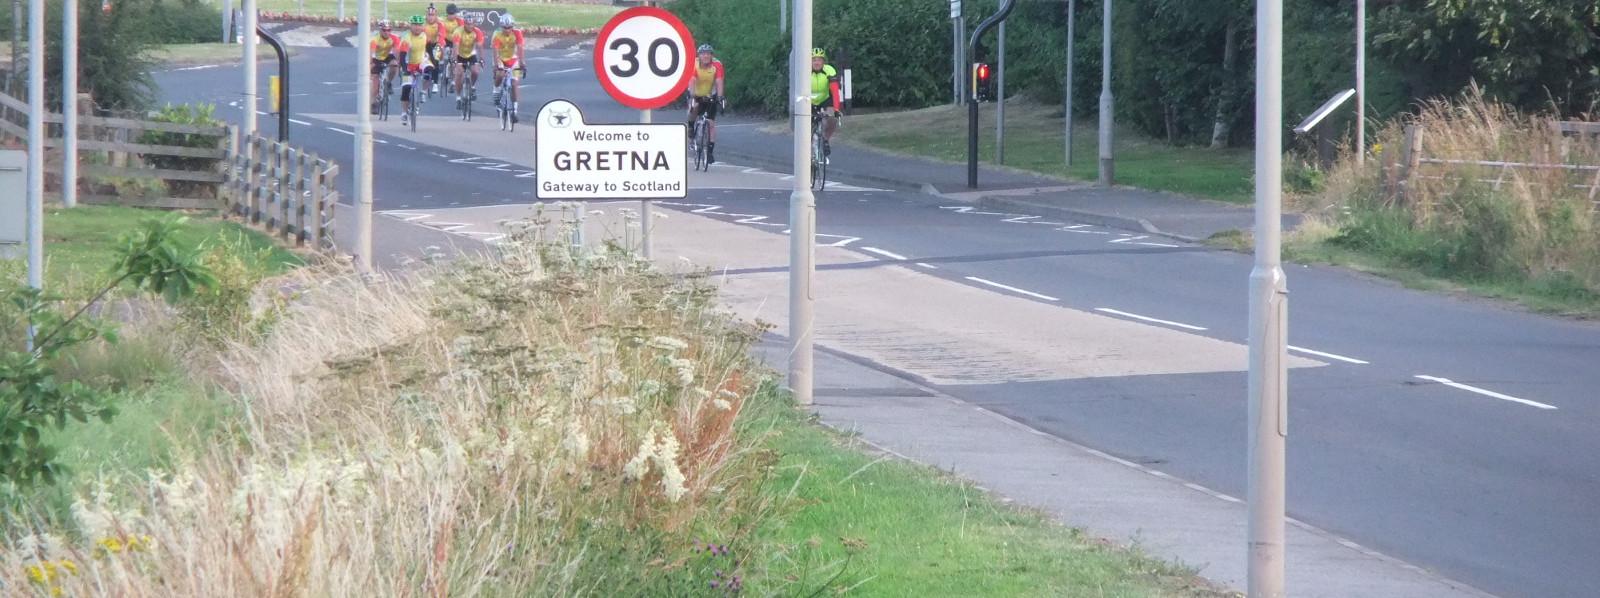 0436 - leaving Gretna.jpg